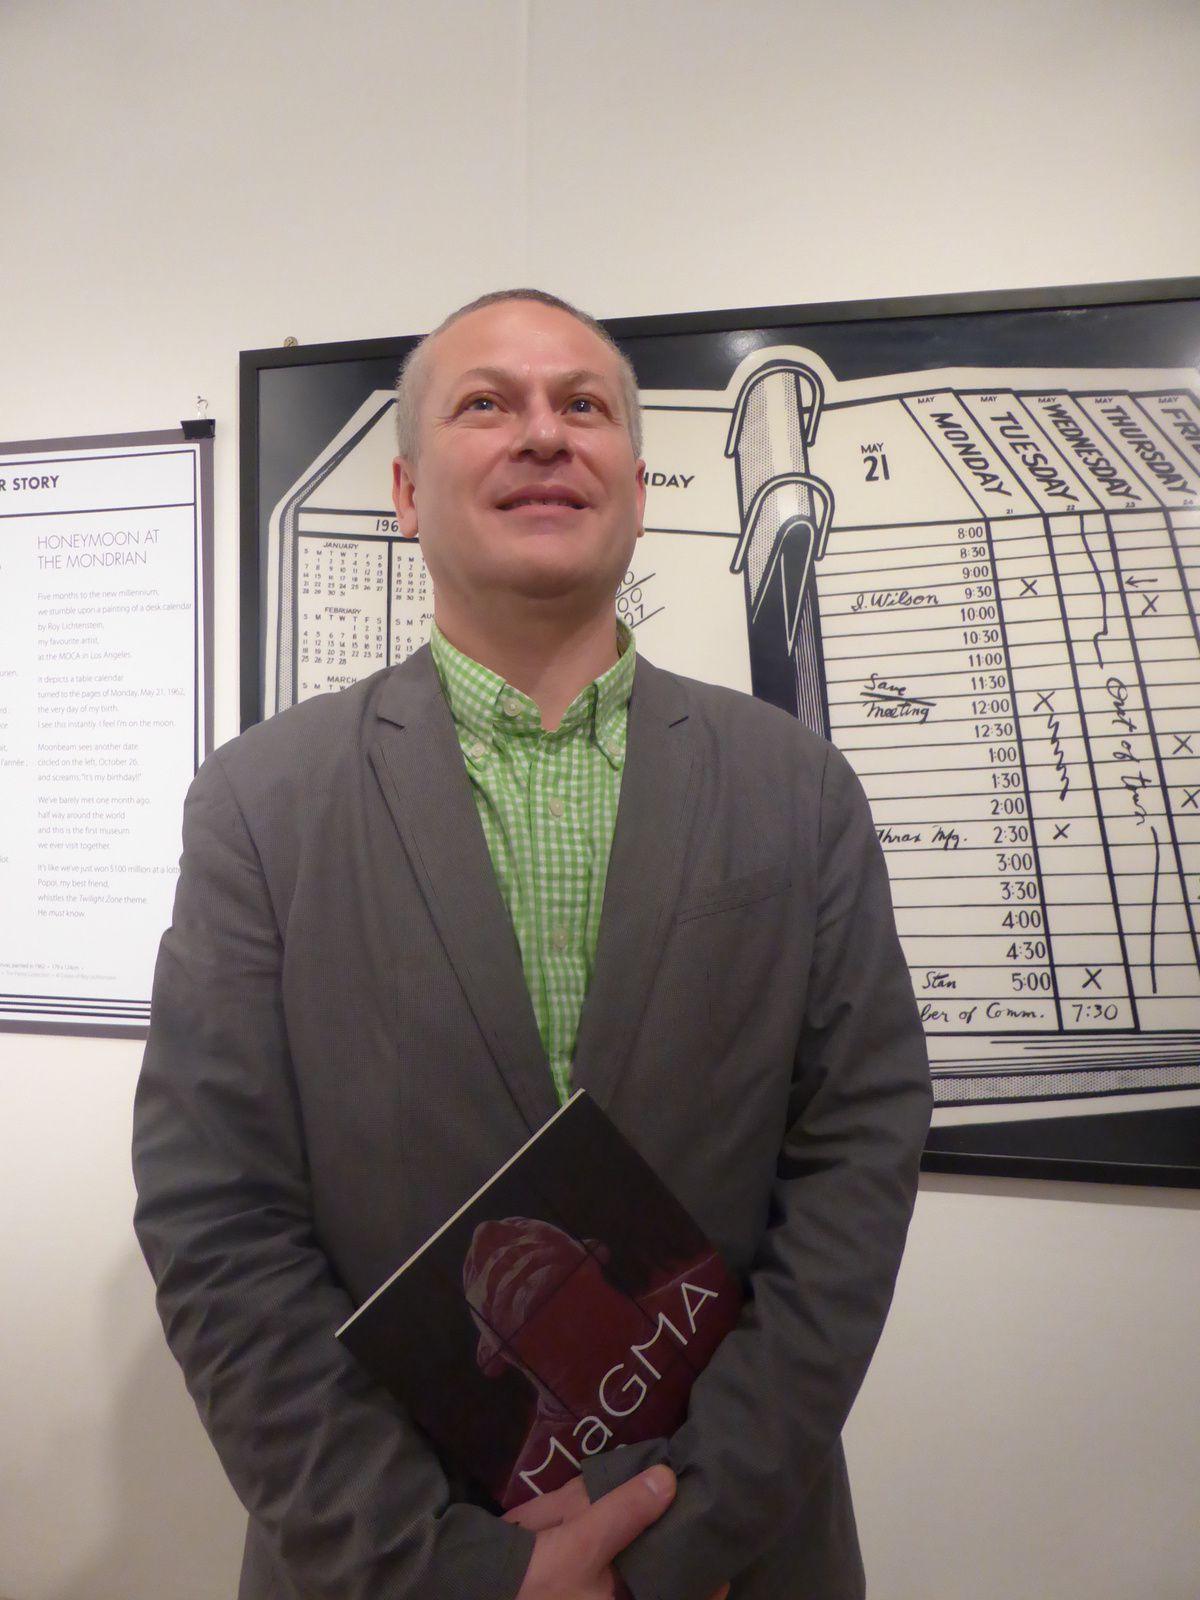 Guillaume Lévy-Lambert devant la copie de Desk Calendar de Roy Lichtenstein. Galerie Charpentier-Sotheby's France, Paris, 2014 © Photographie Gilles Kraemer, 6 janvier 2014